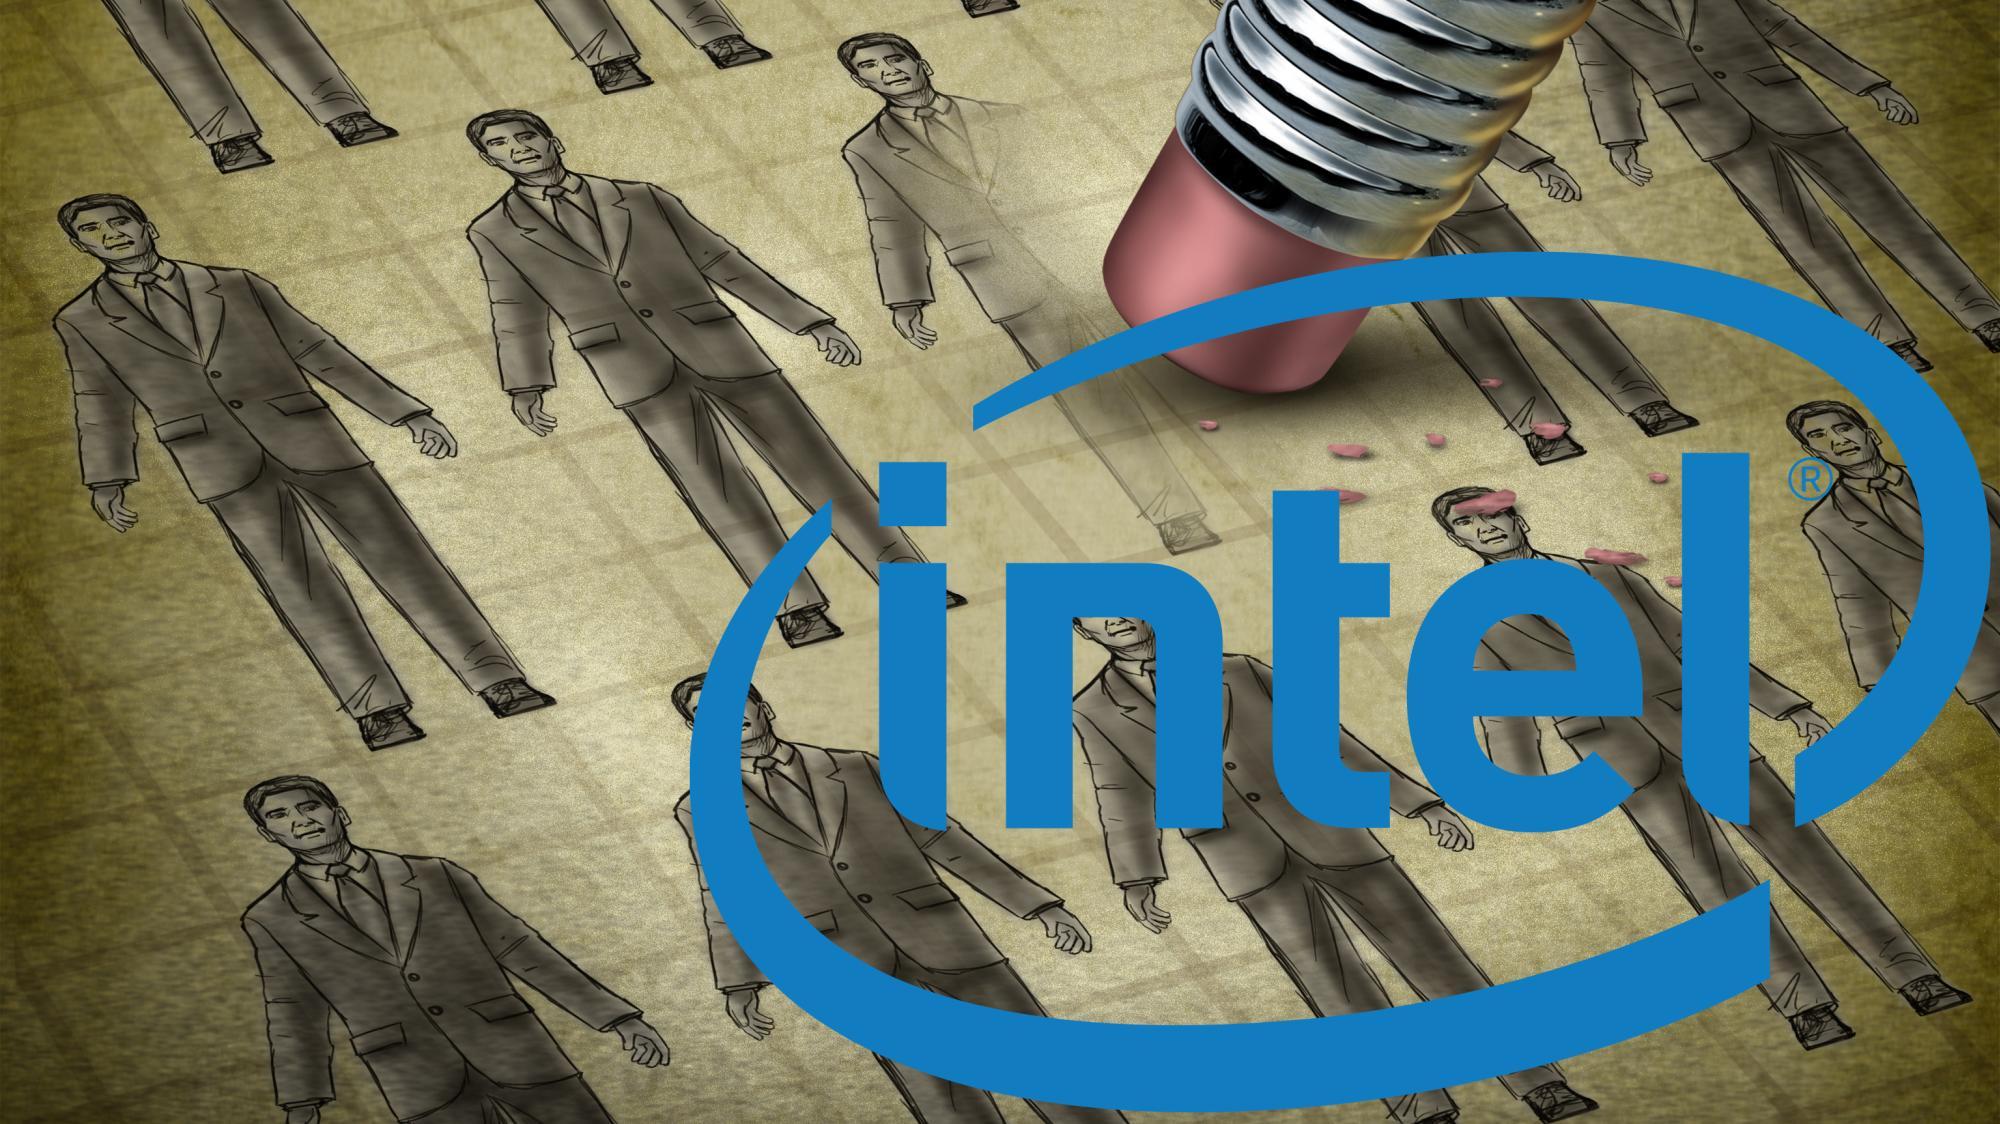 Intel kutter tusenvis av stillinger